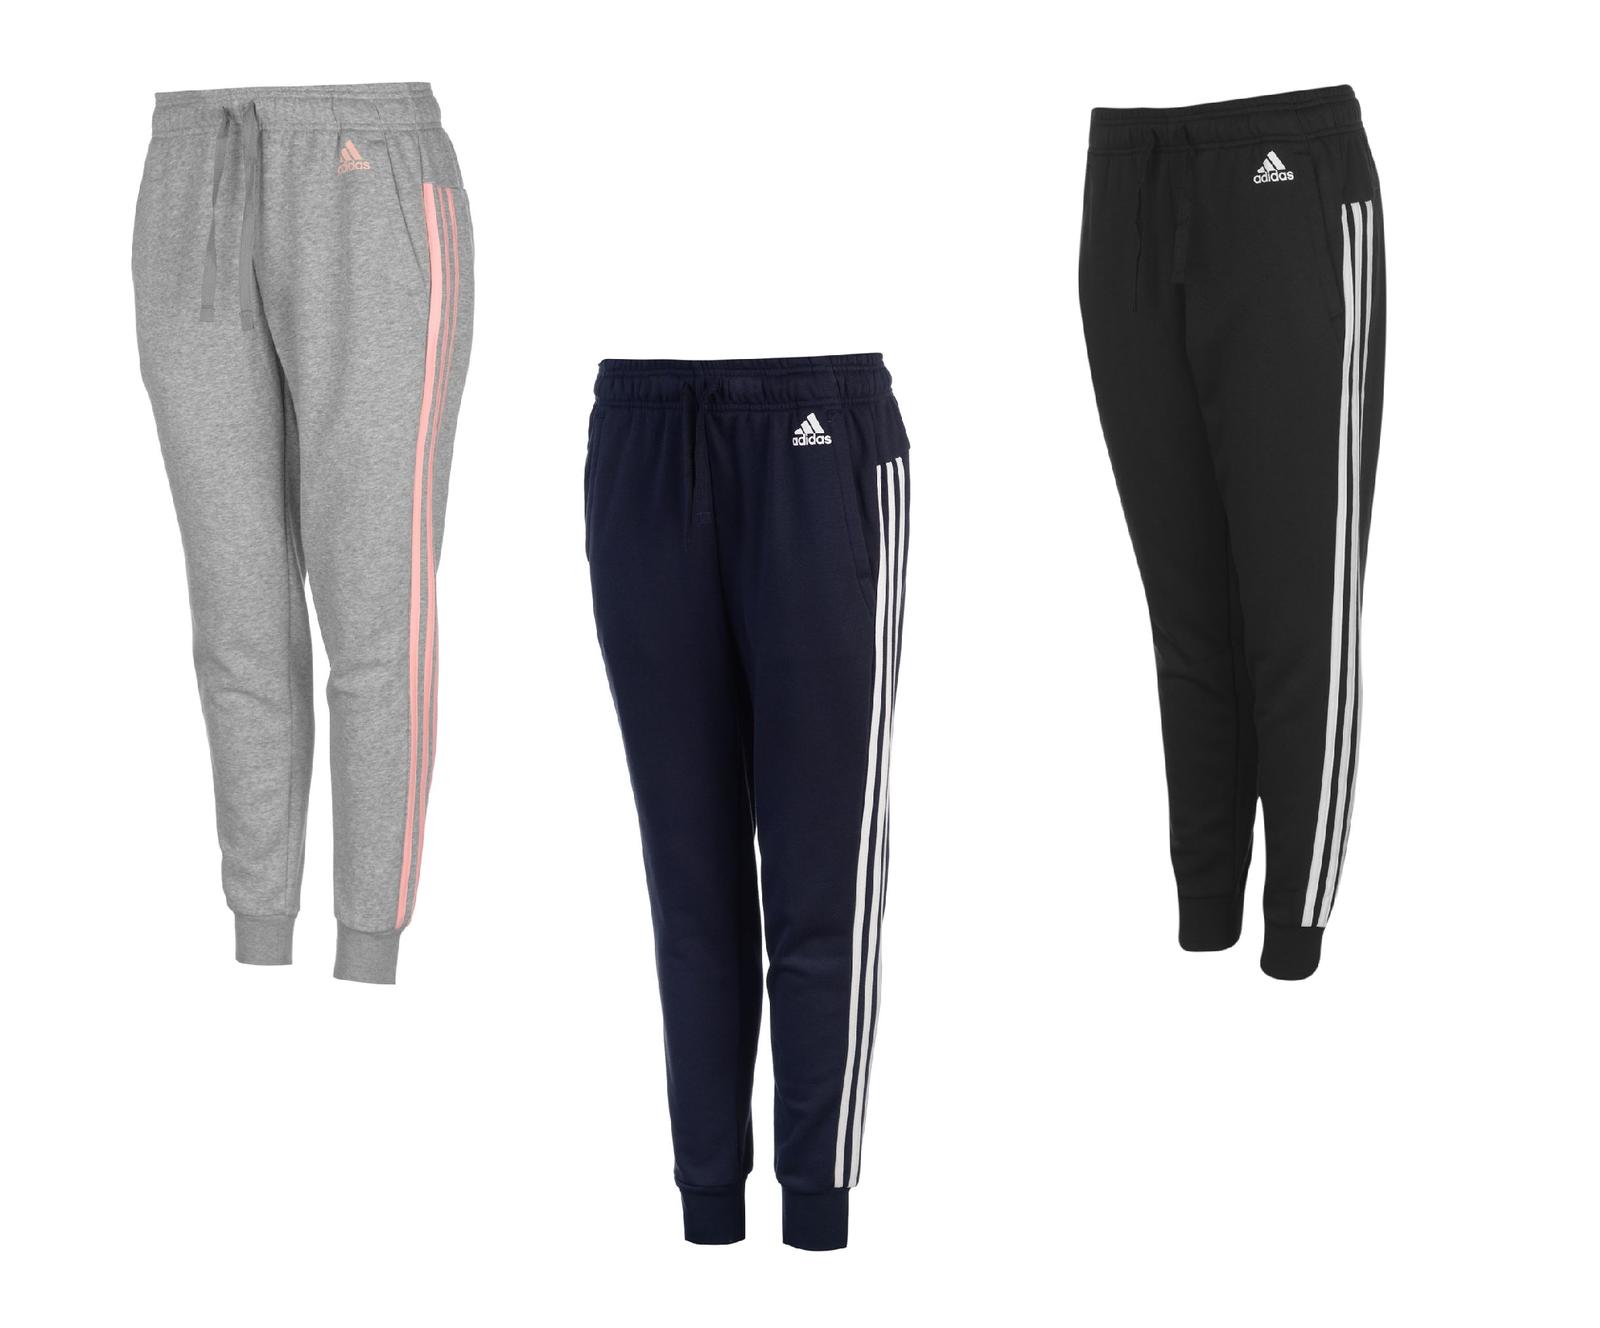 Adidas Essentials Trainingshose Jogginghose Sporthose Damen Hose Fitness 1047